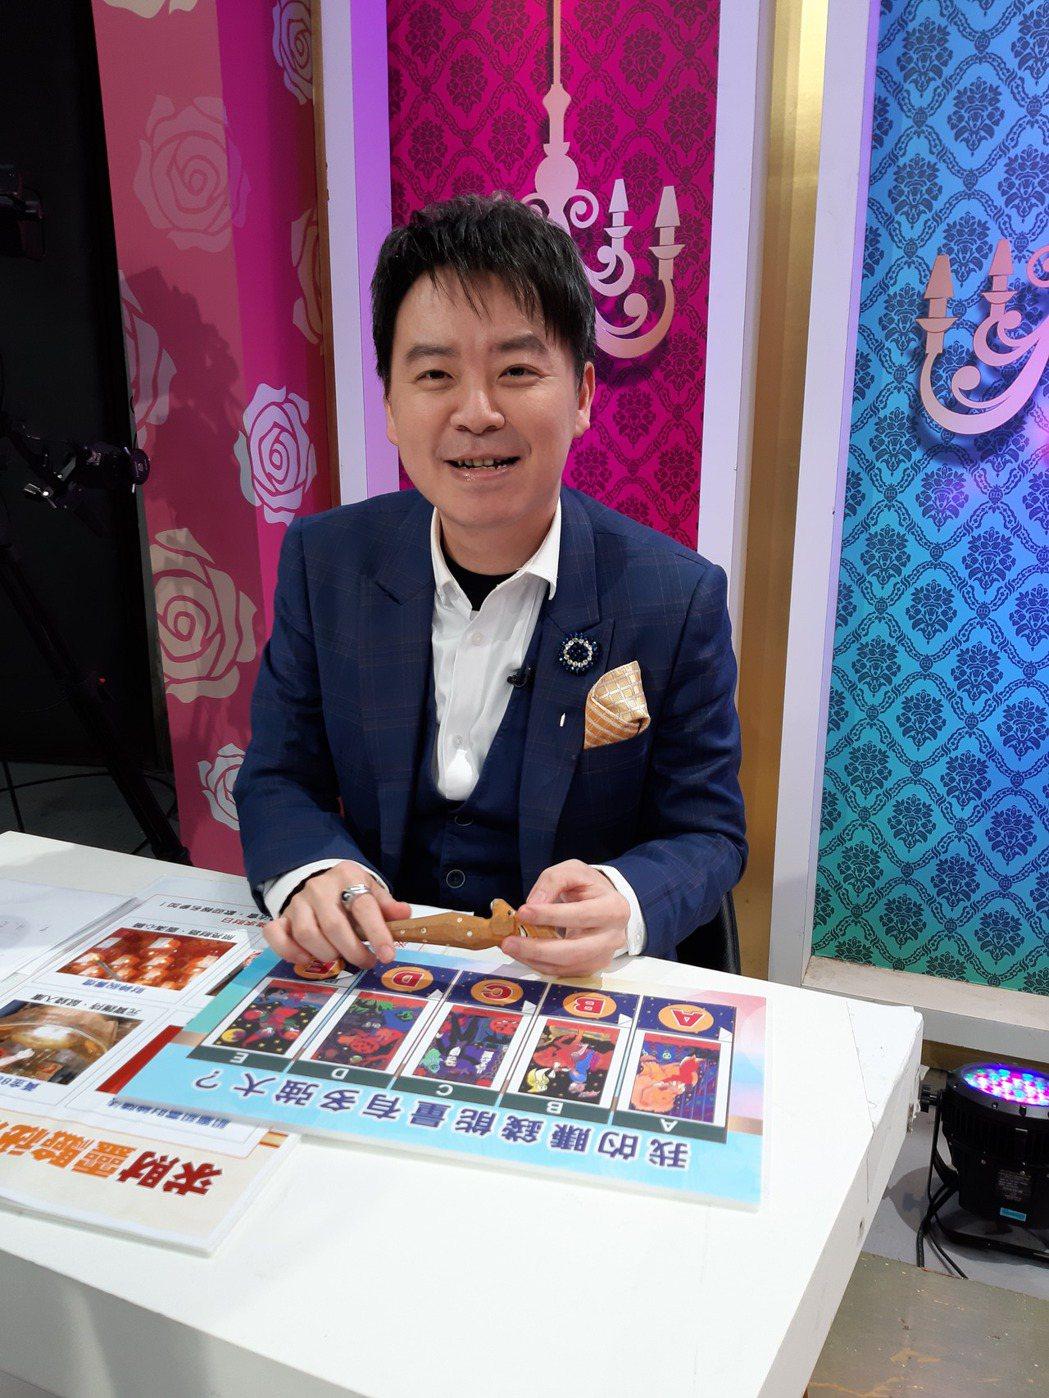 小孟去年12月底曾到過武漢。記者林怡秀/攝影